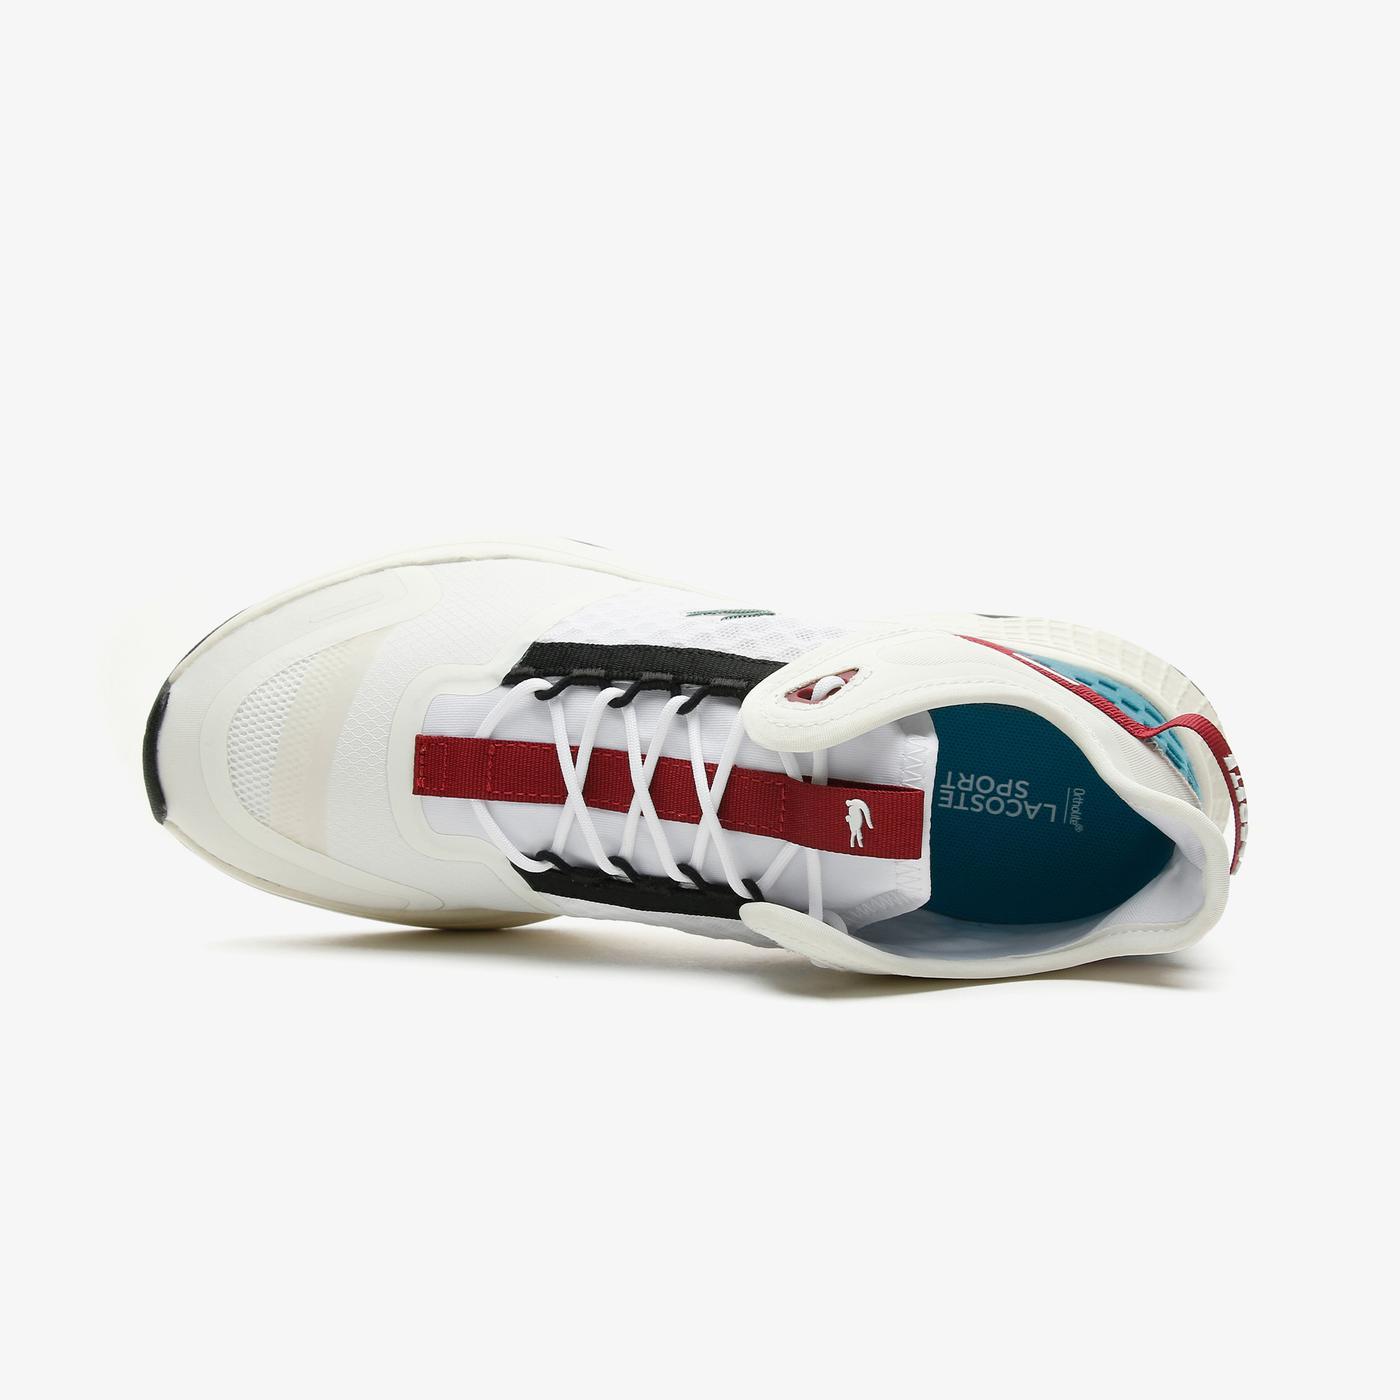 Lacoste Court-Drivevntge09211Sma Erkek Beyaz - Turkuaz Spor Ayakkabı